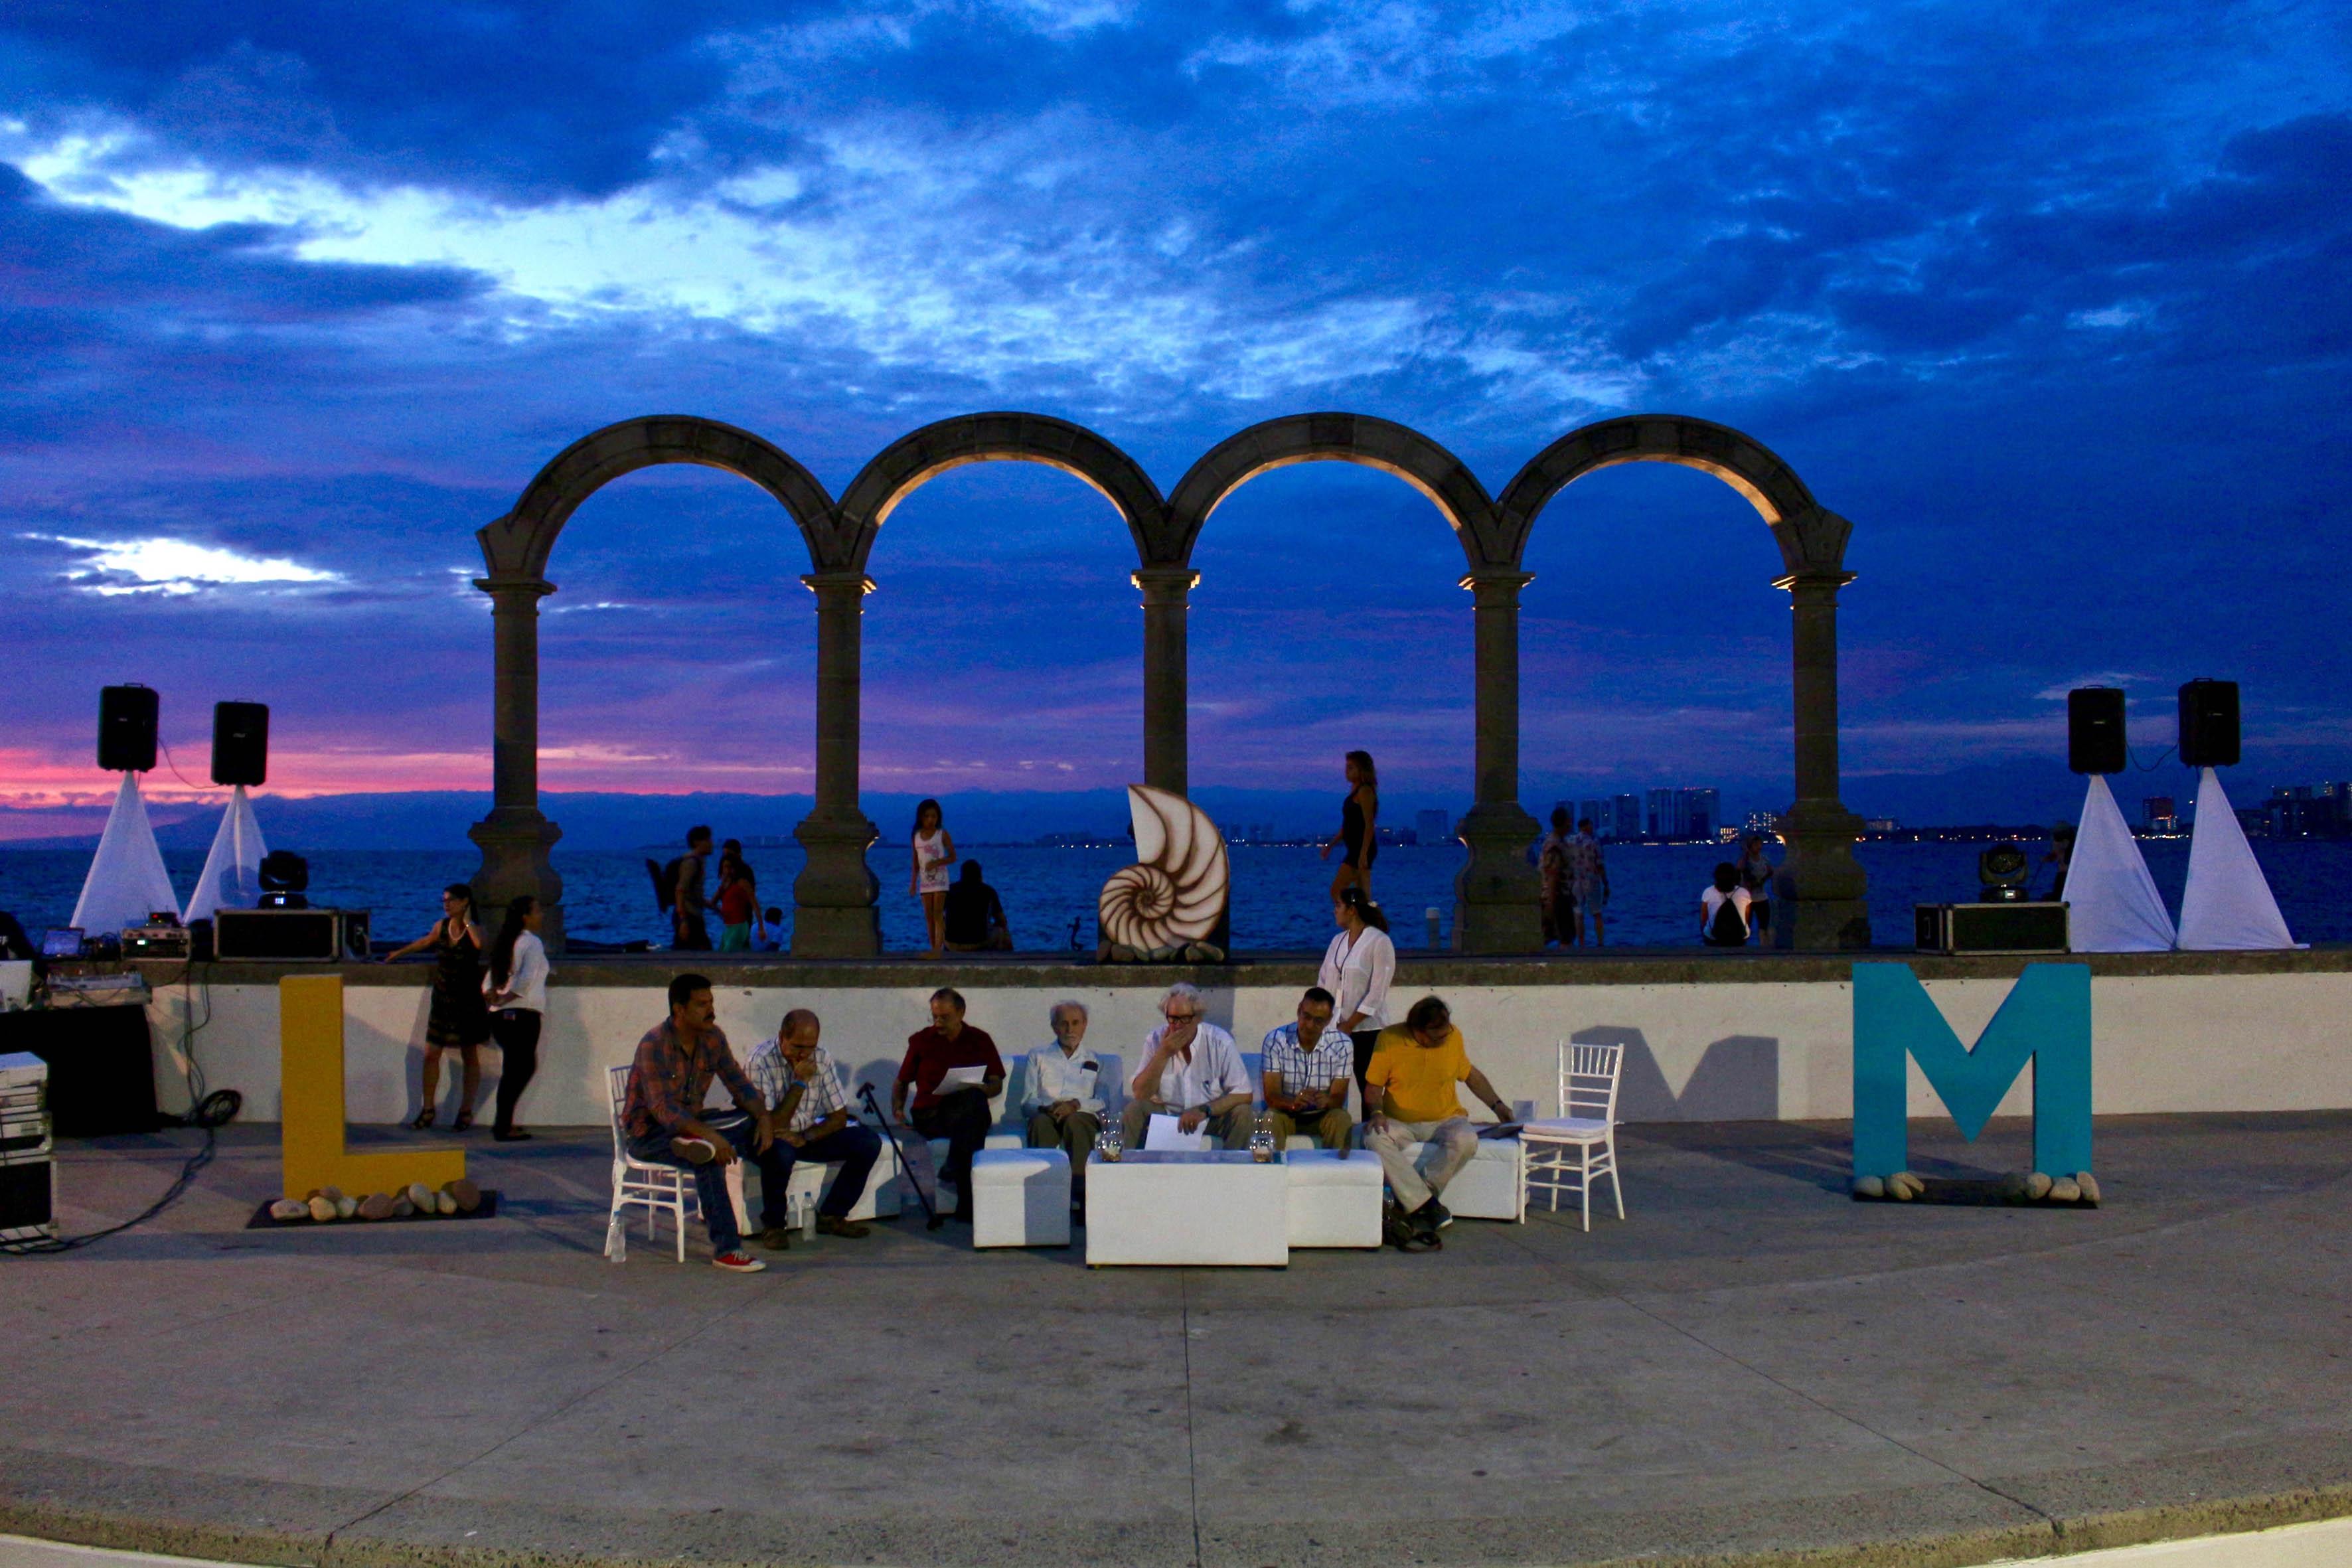 Homenaje al poeta yucateco Raúl Renán y distinguido con el galardón El Caracol de Plata